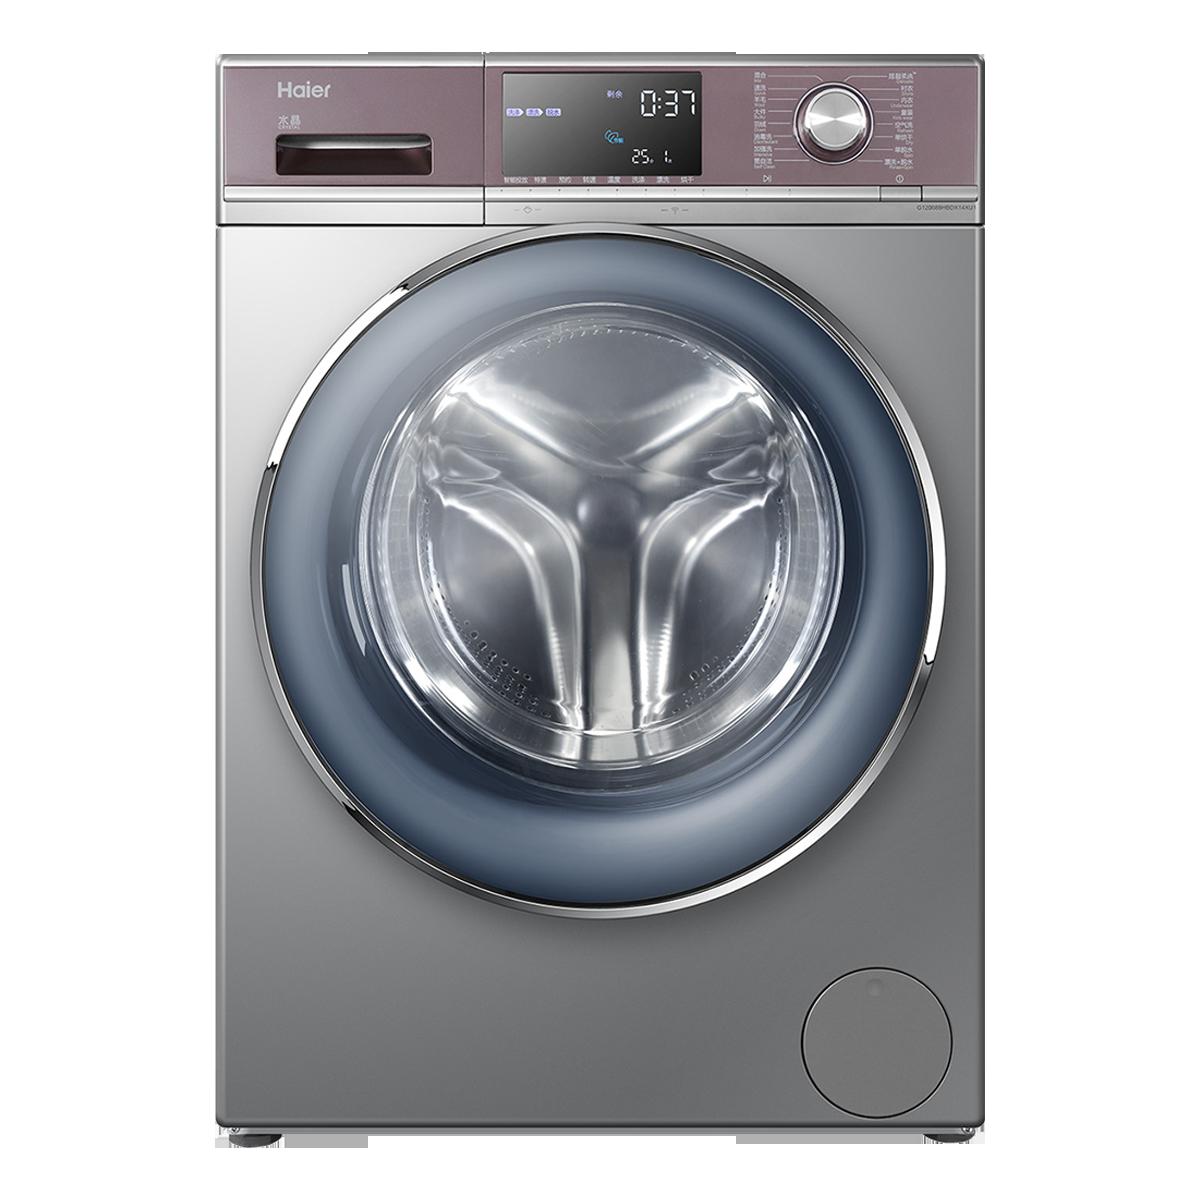 海尔Haier洗衣机 G120688BDX14X 说明书